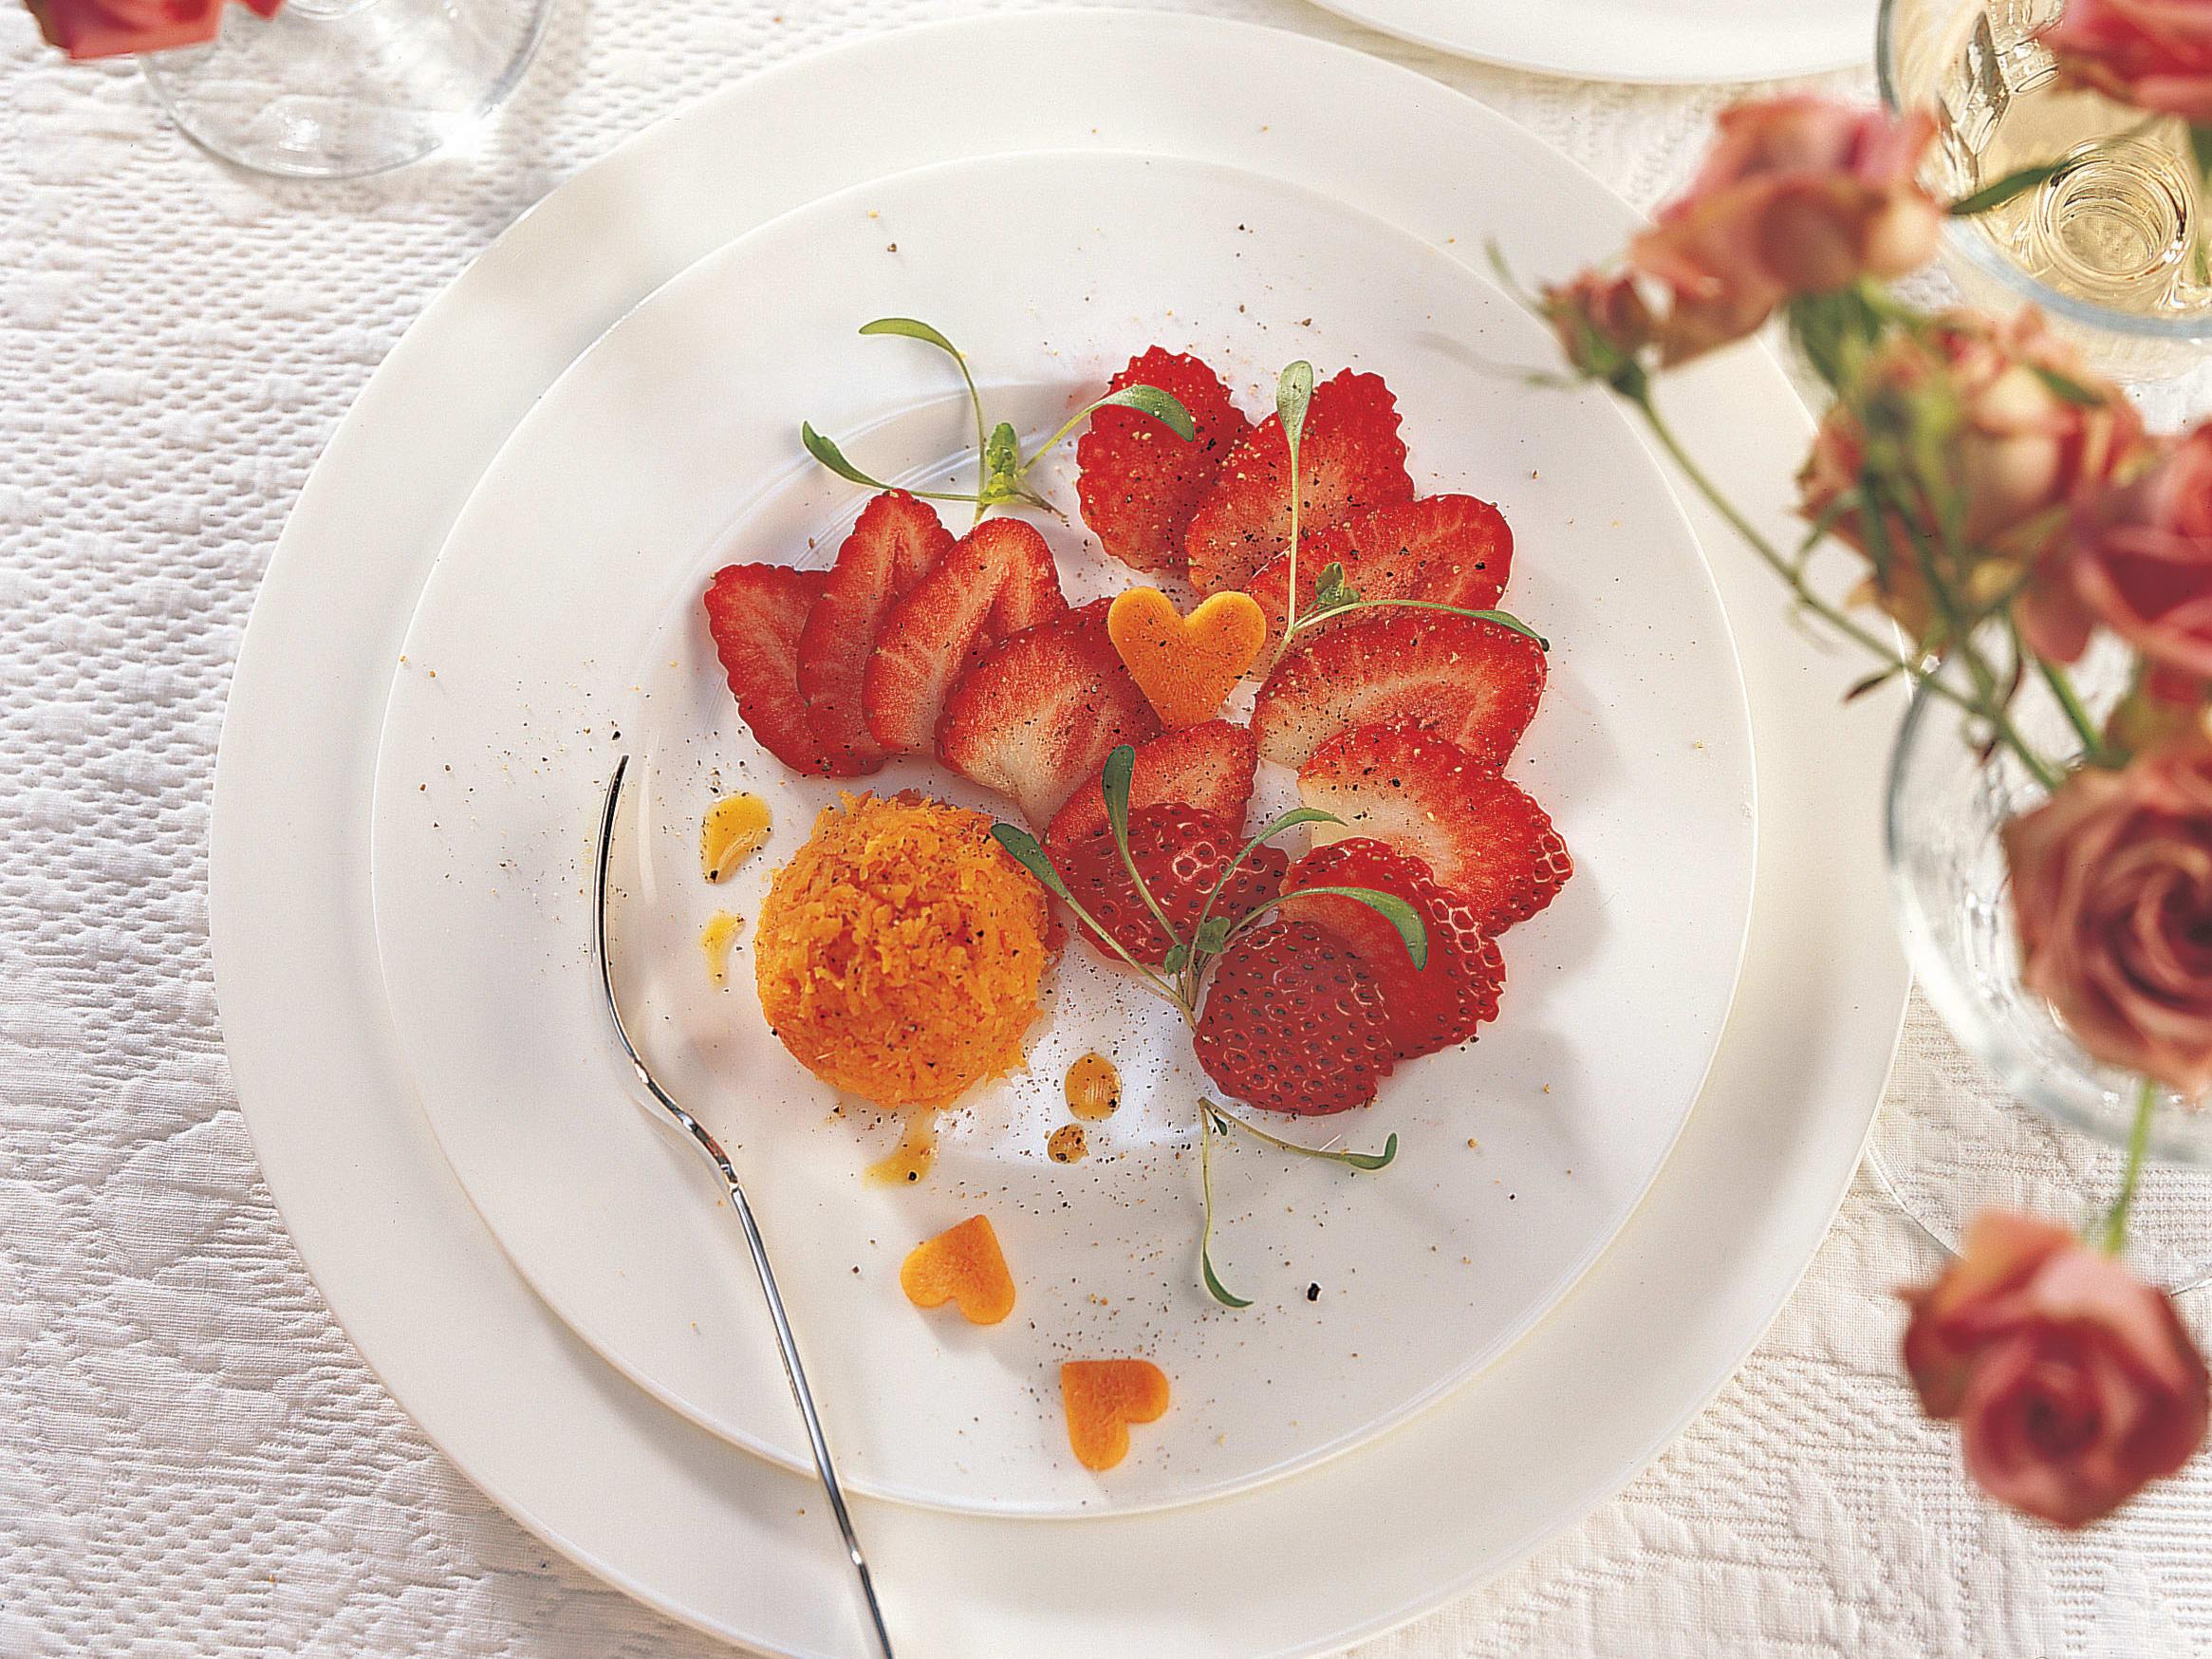 Duo de fraises et carottes râpées